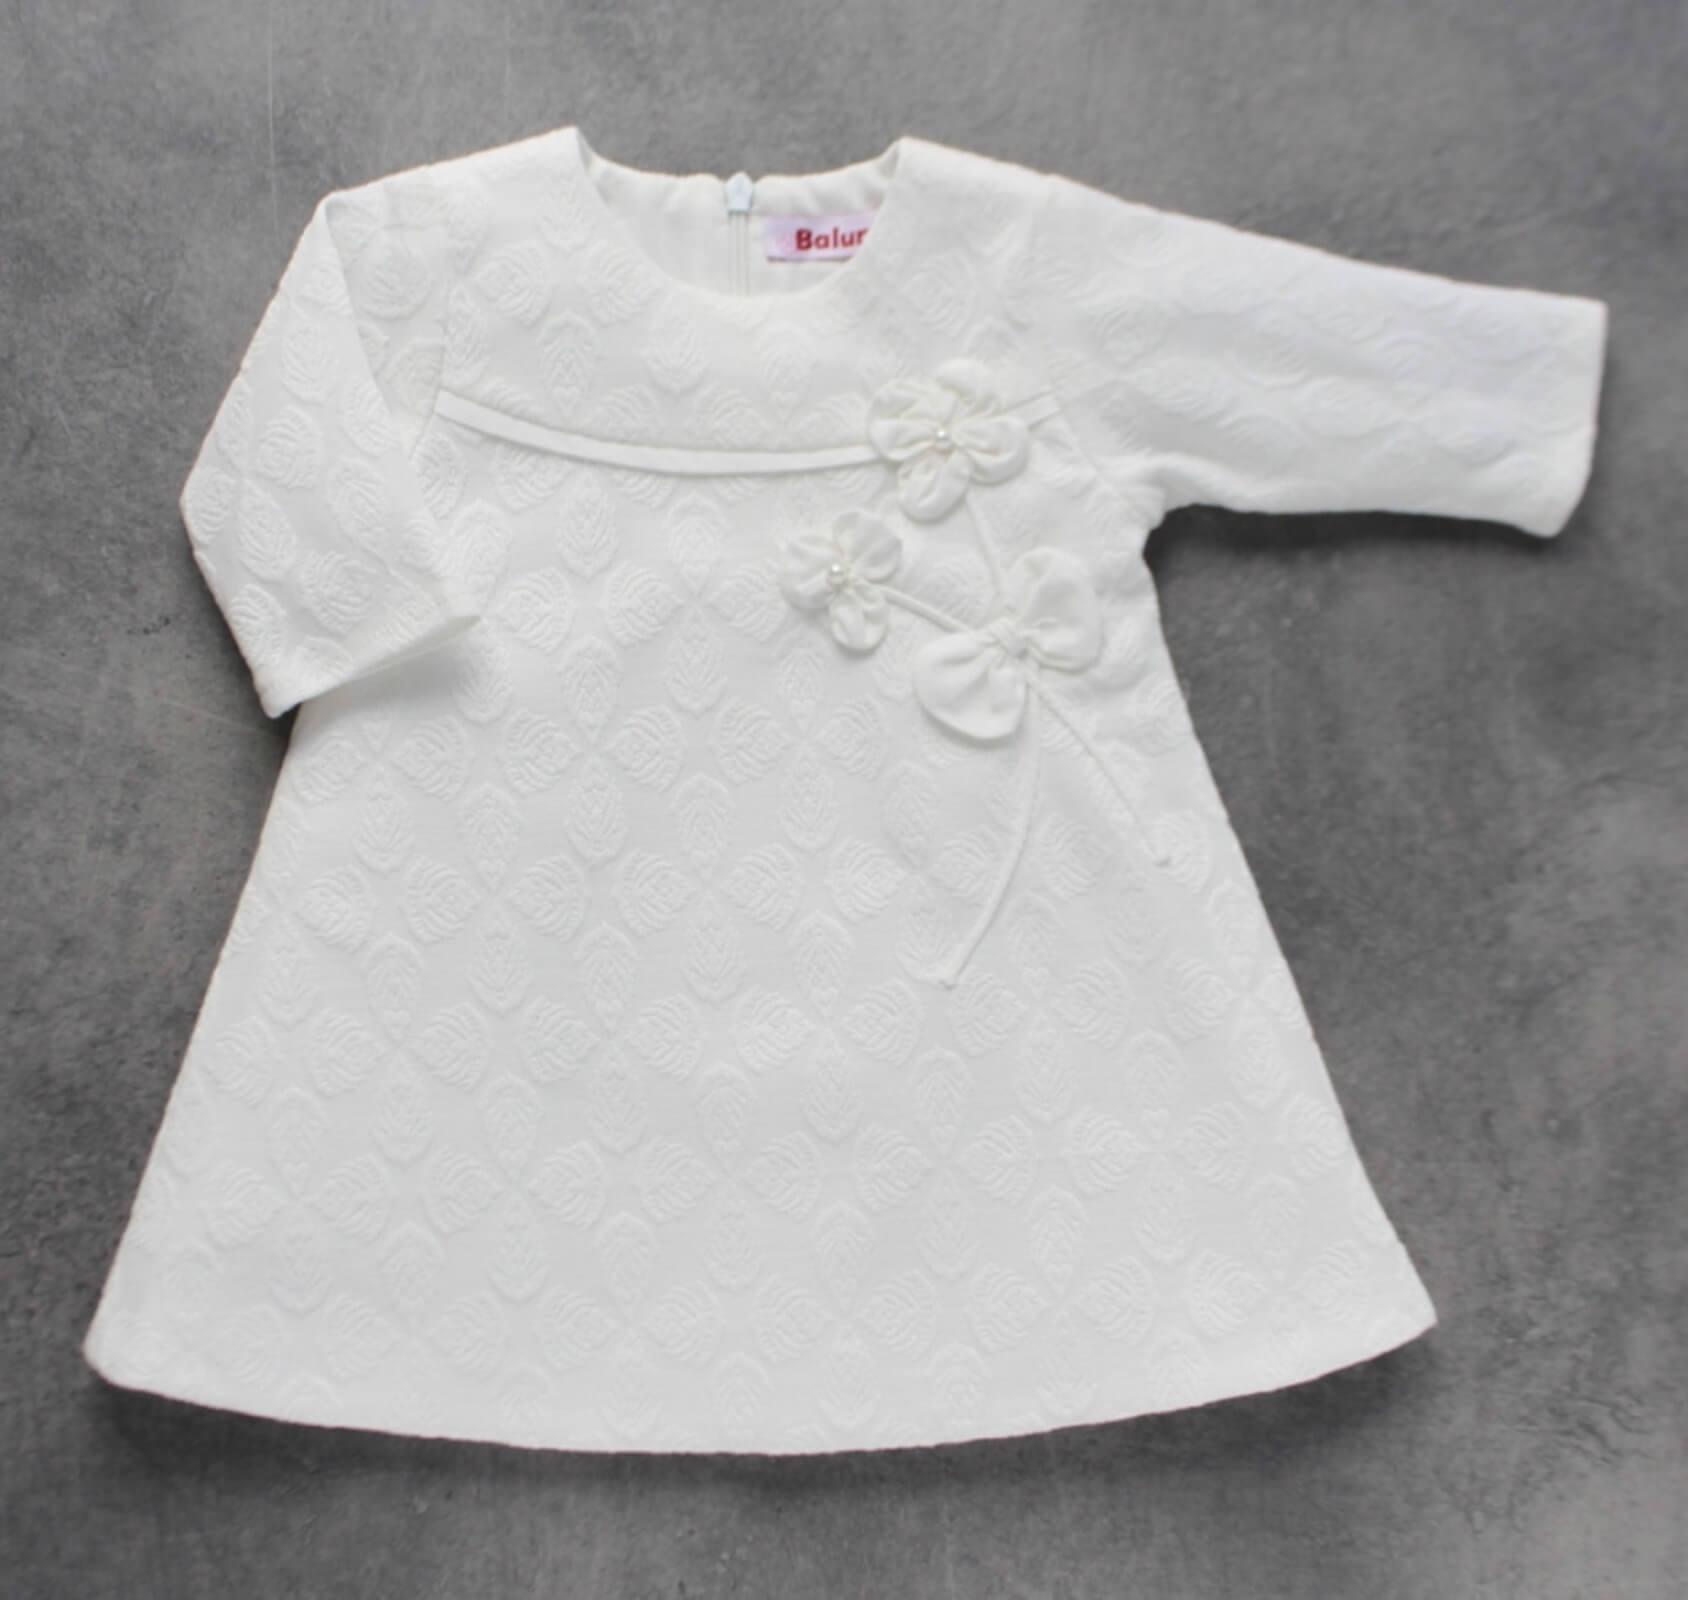 biała sukienka do chrztu dla dziewczynki